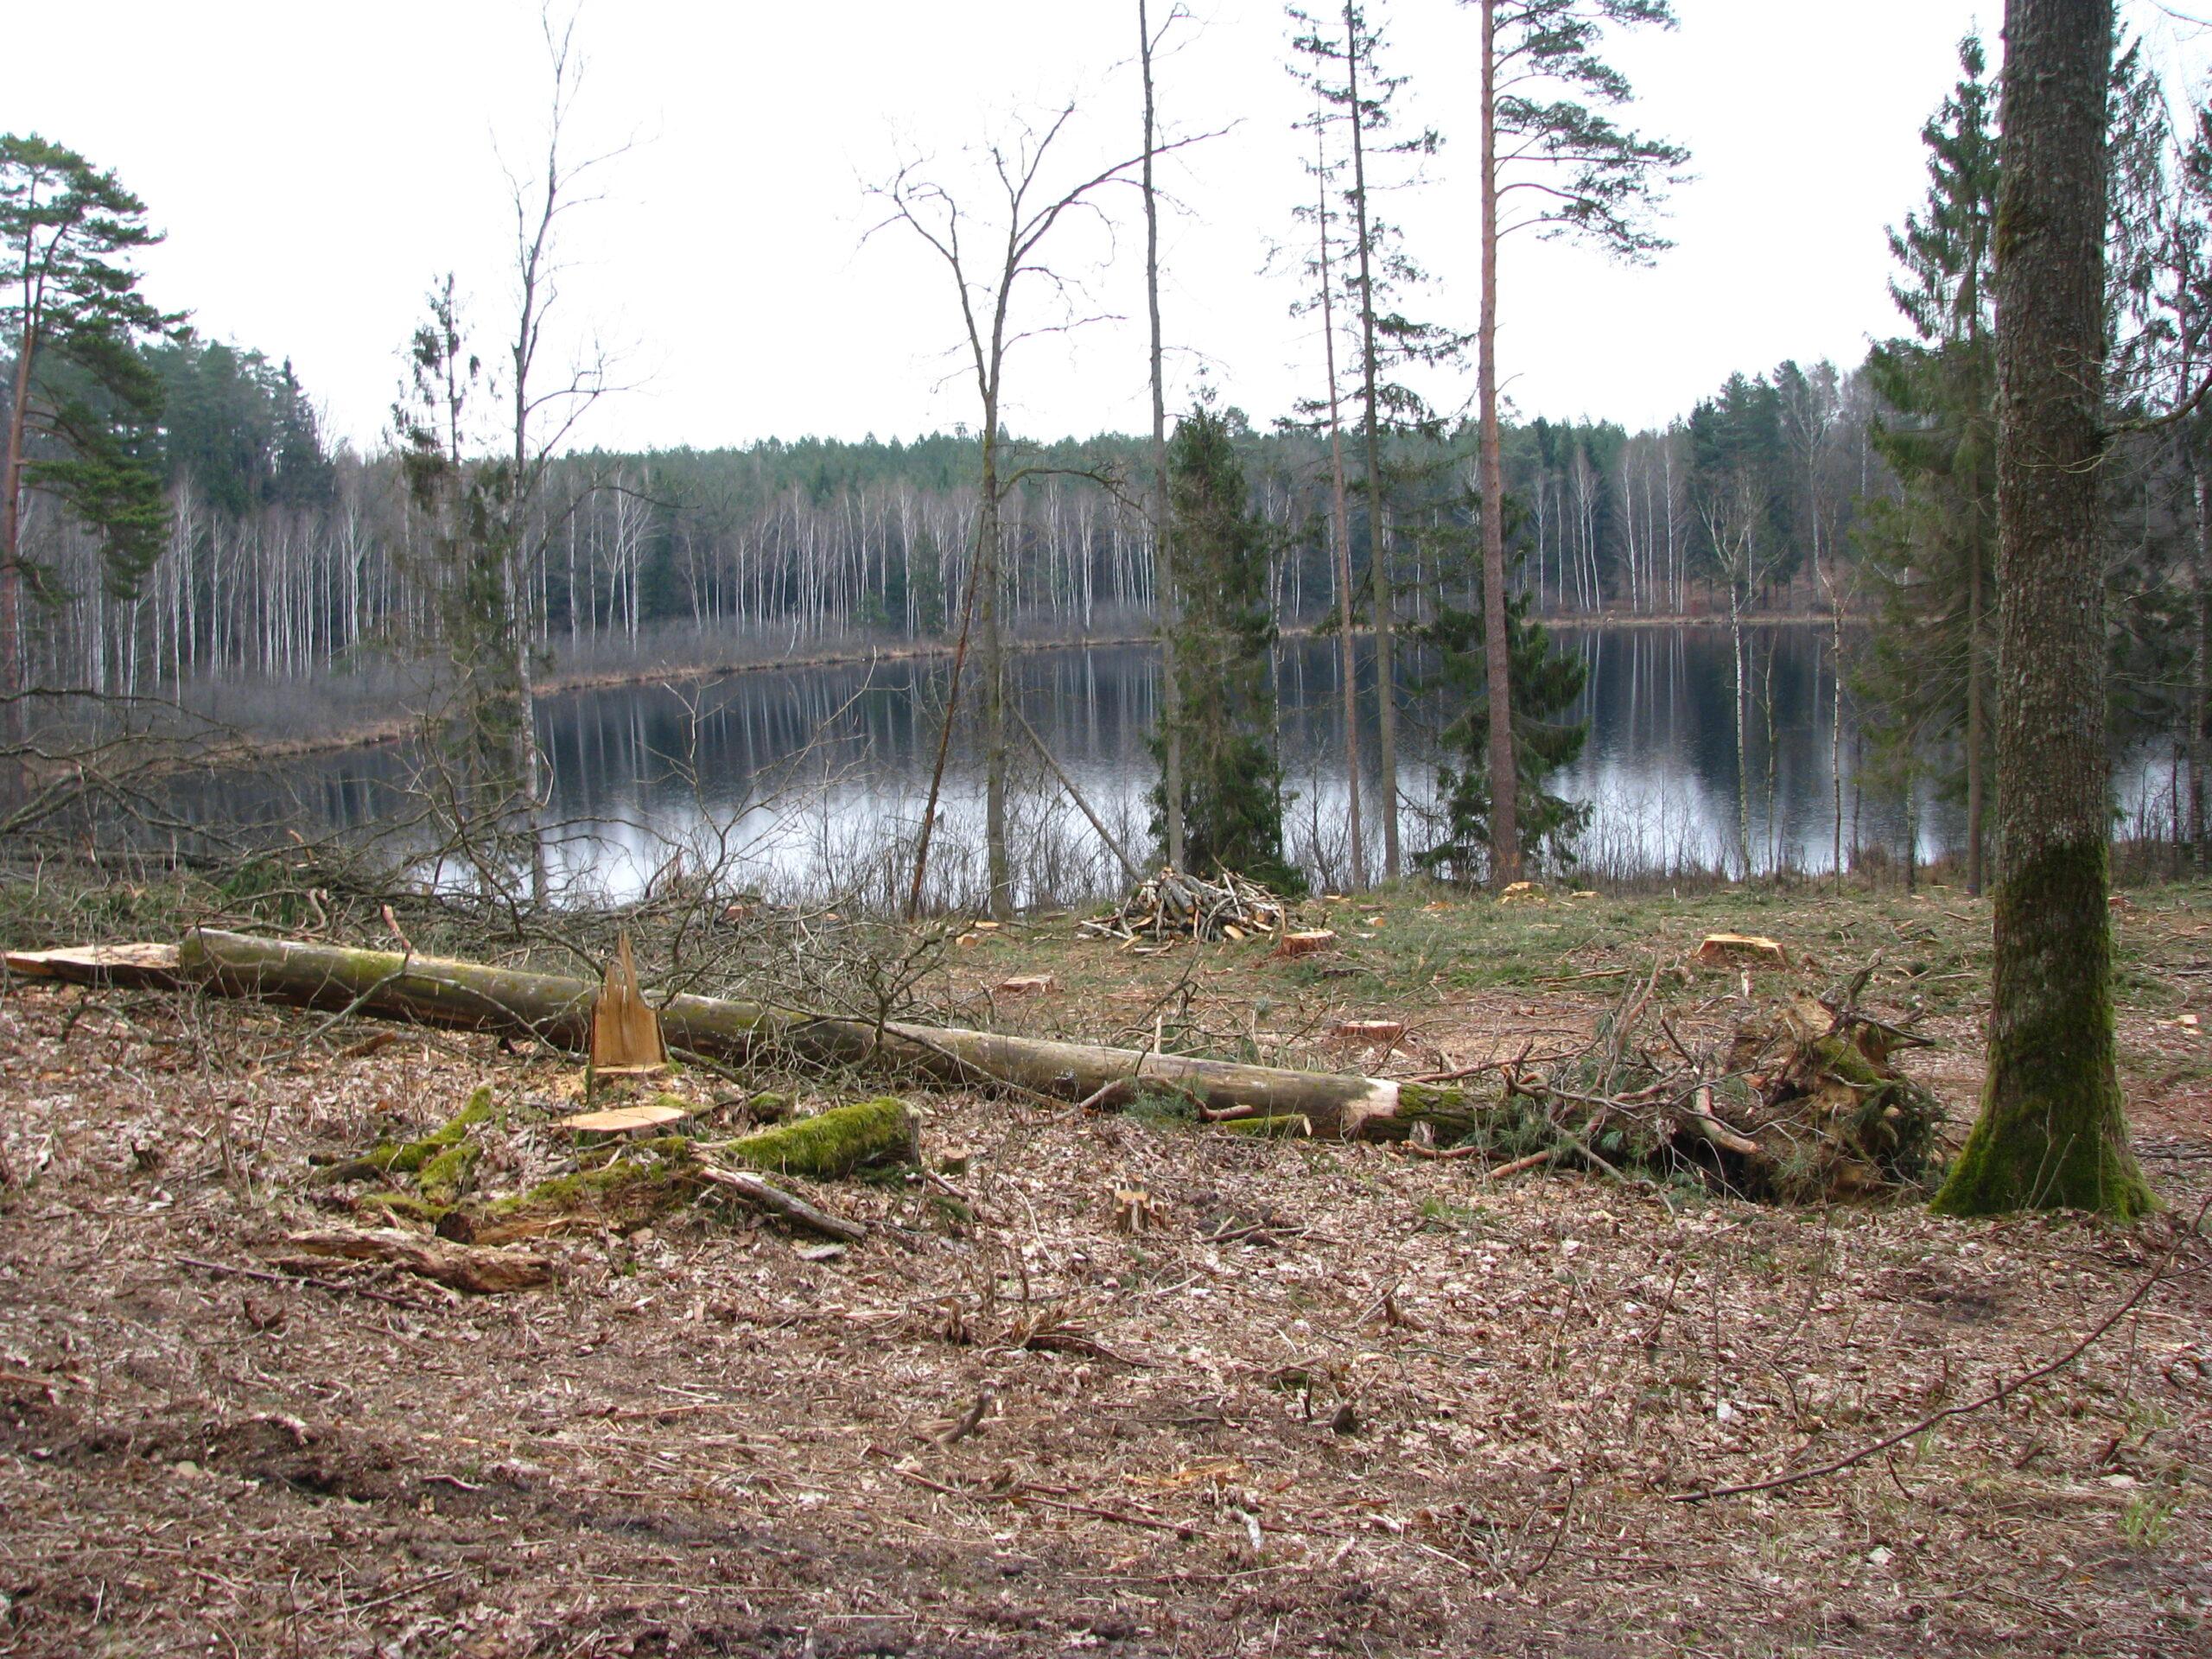 Audytorzy potwierdzają zgłoszone przez FOTA4Climate krytyczne uwagi dotyczące zabronionych zabiegów w lasach Warmii i Mazur